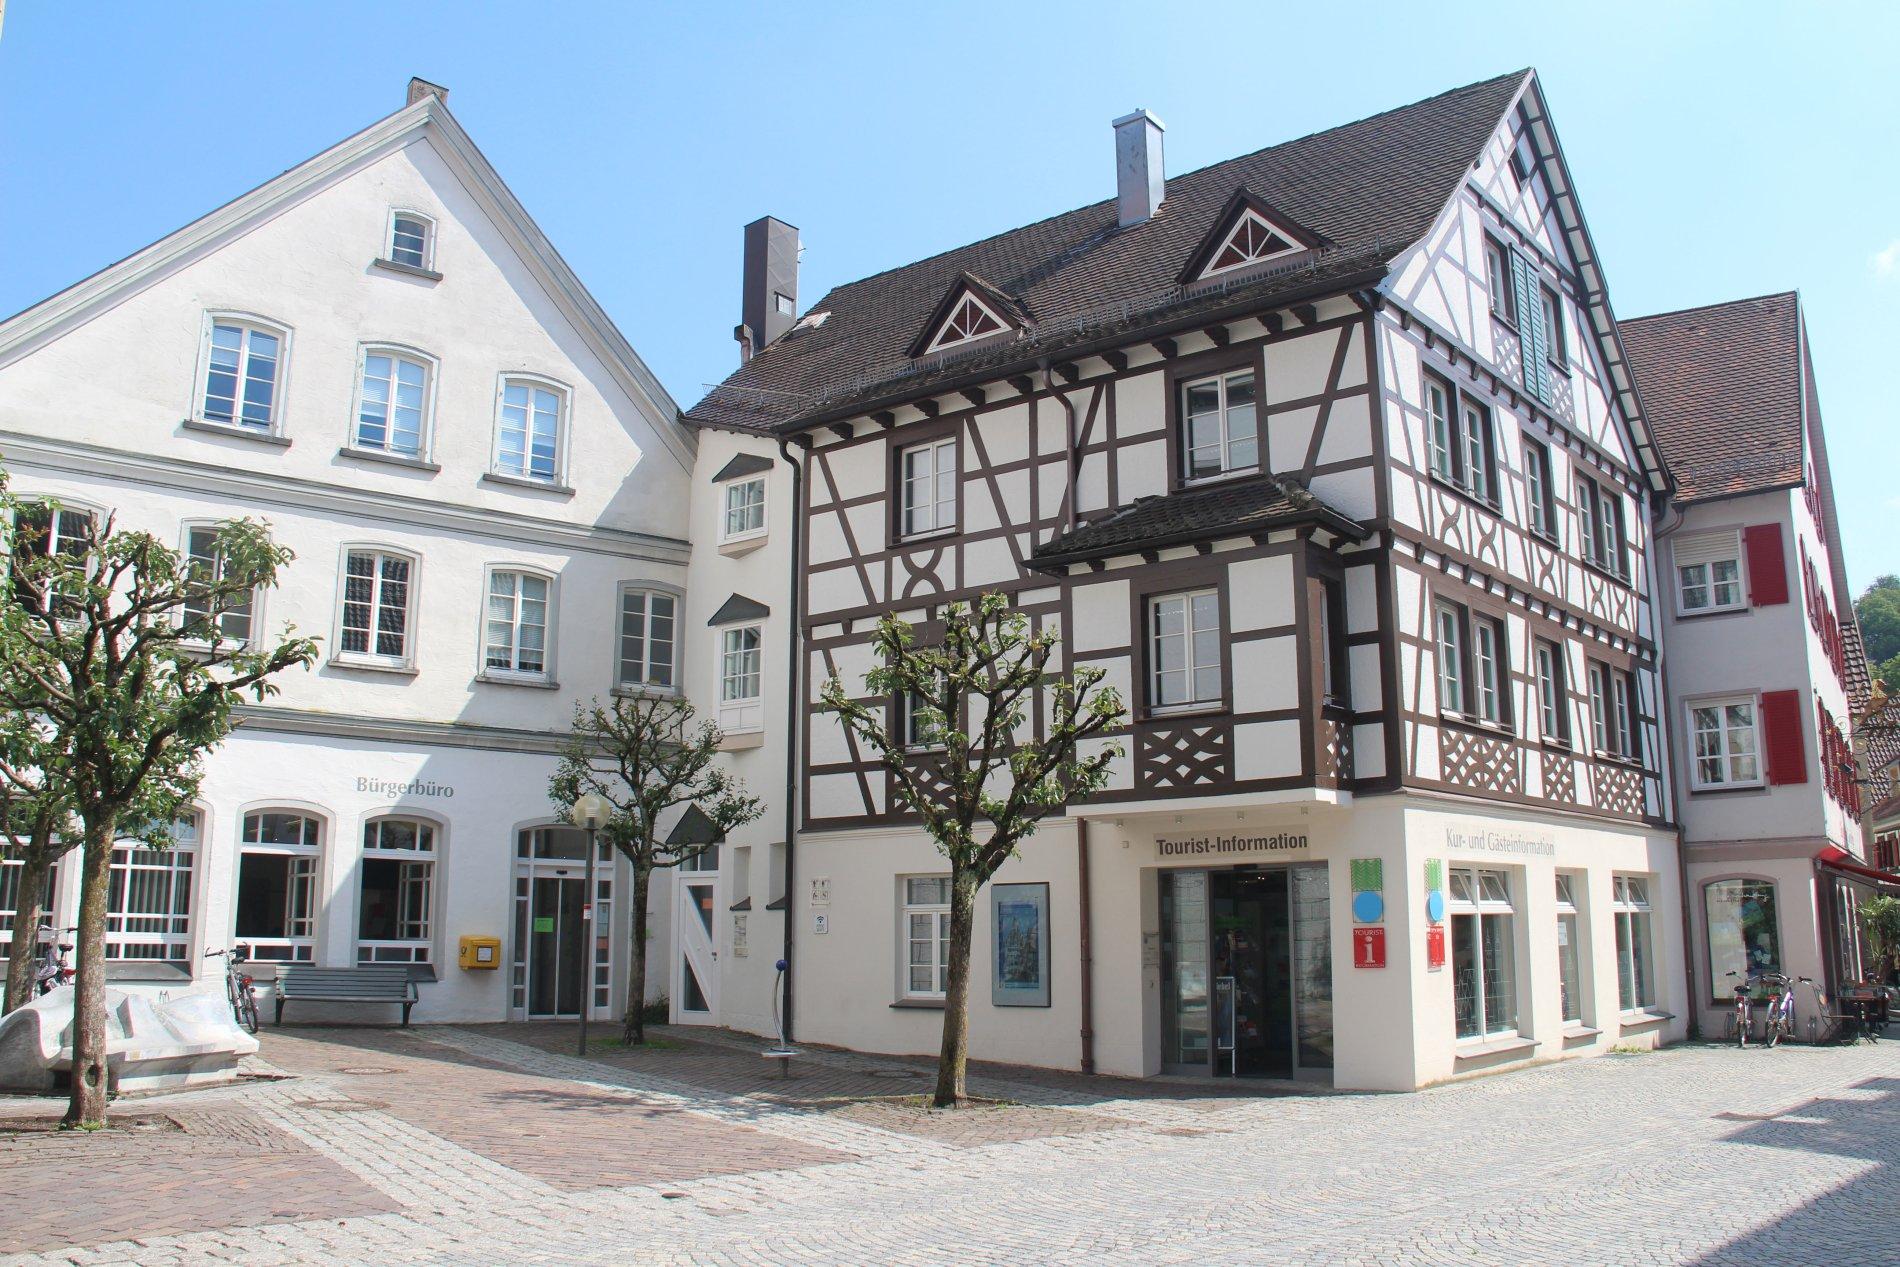 Die Tourist-Information befindet sich in der historischen Altstadt